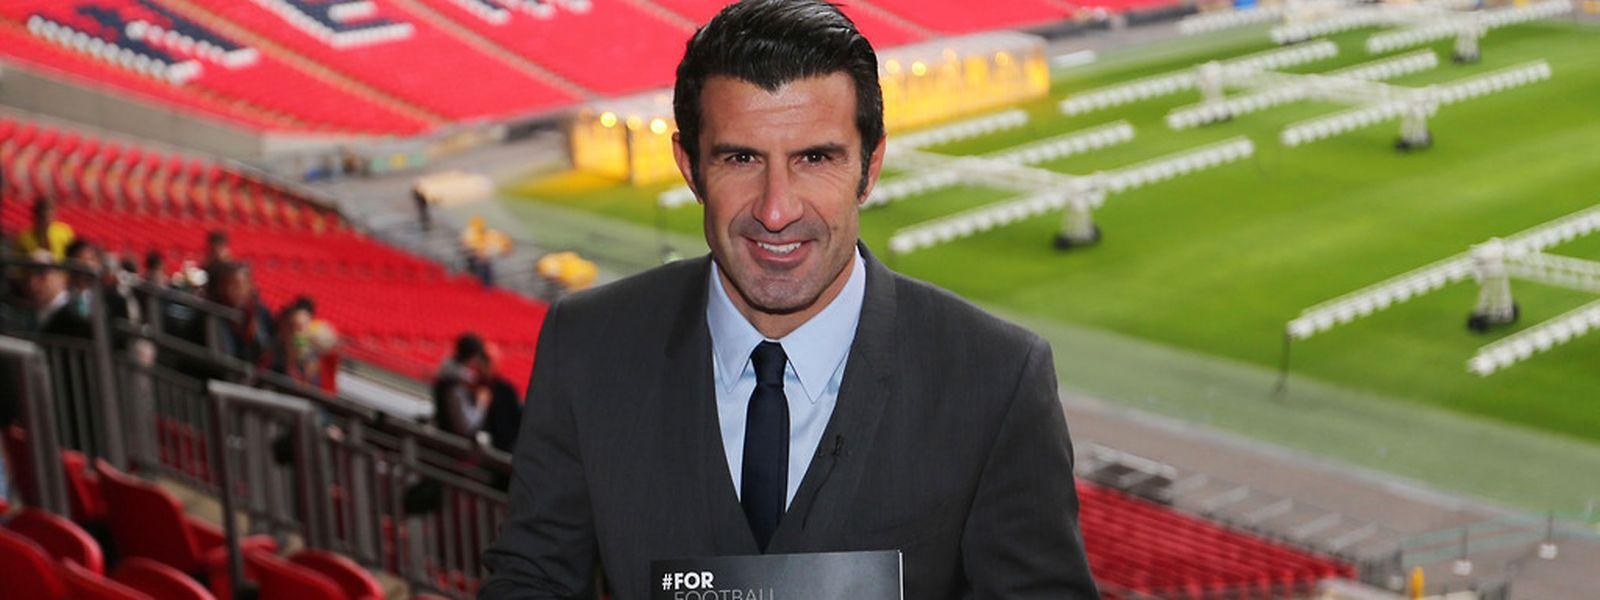 Fifo apresentou a sua candidatura no mítico estádio do Wembley